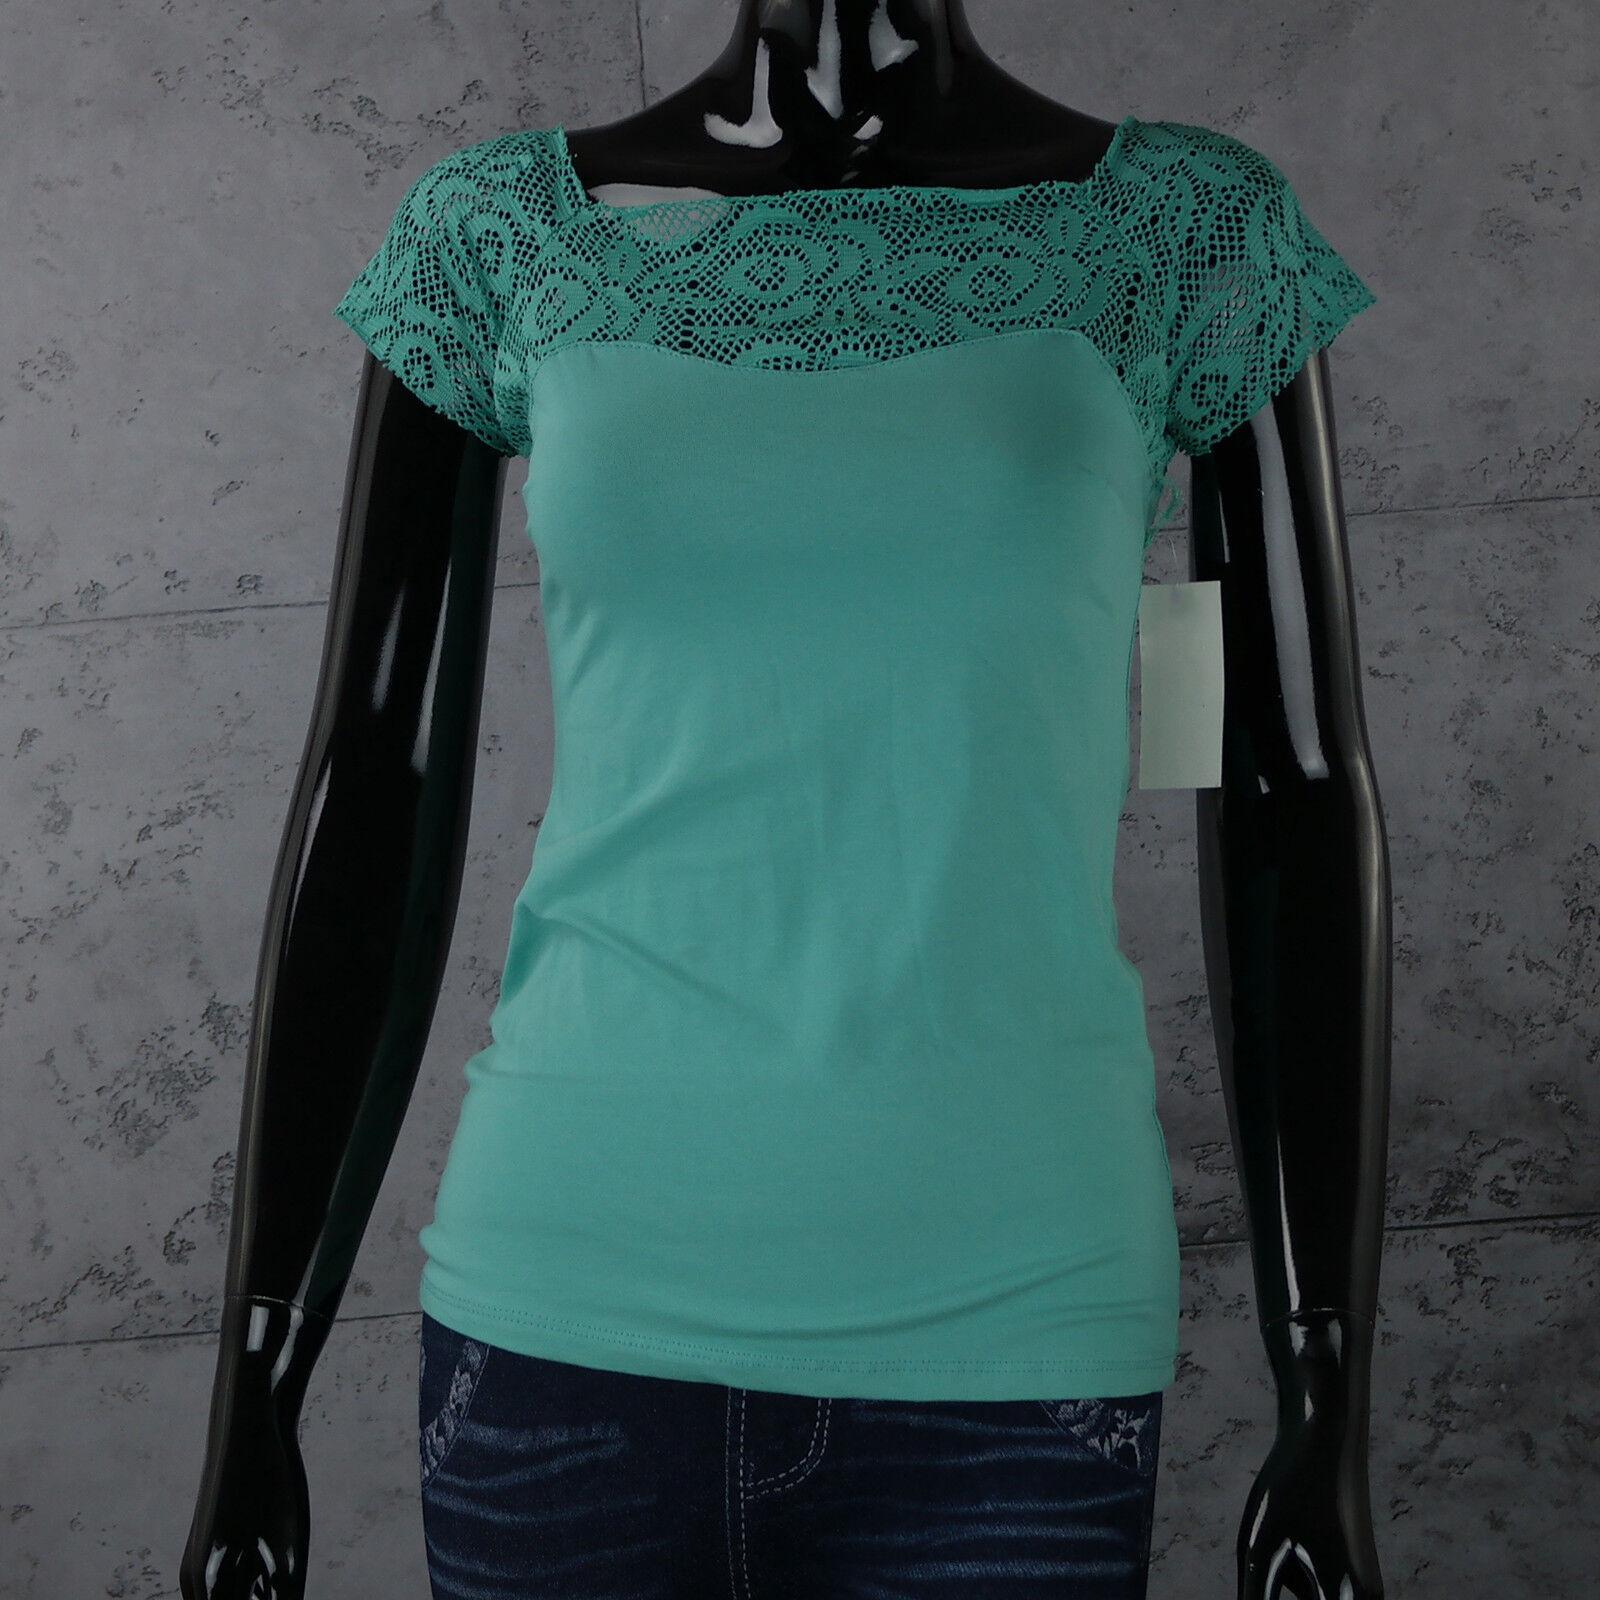 Maglietta Donna Verde Acq Camicia TOP con Pizzo ricami T Shirt Taglia Unica Sexy